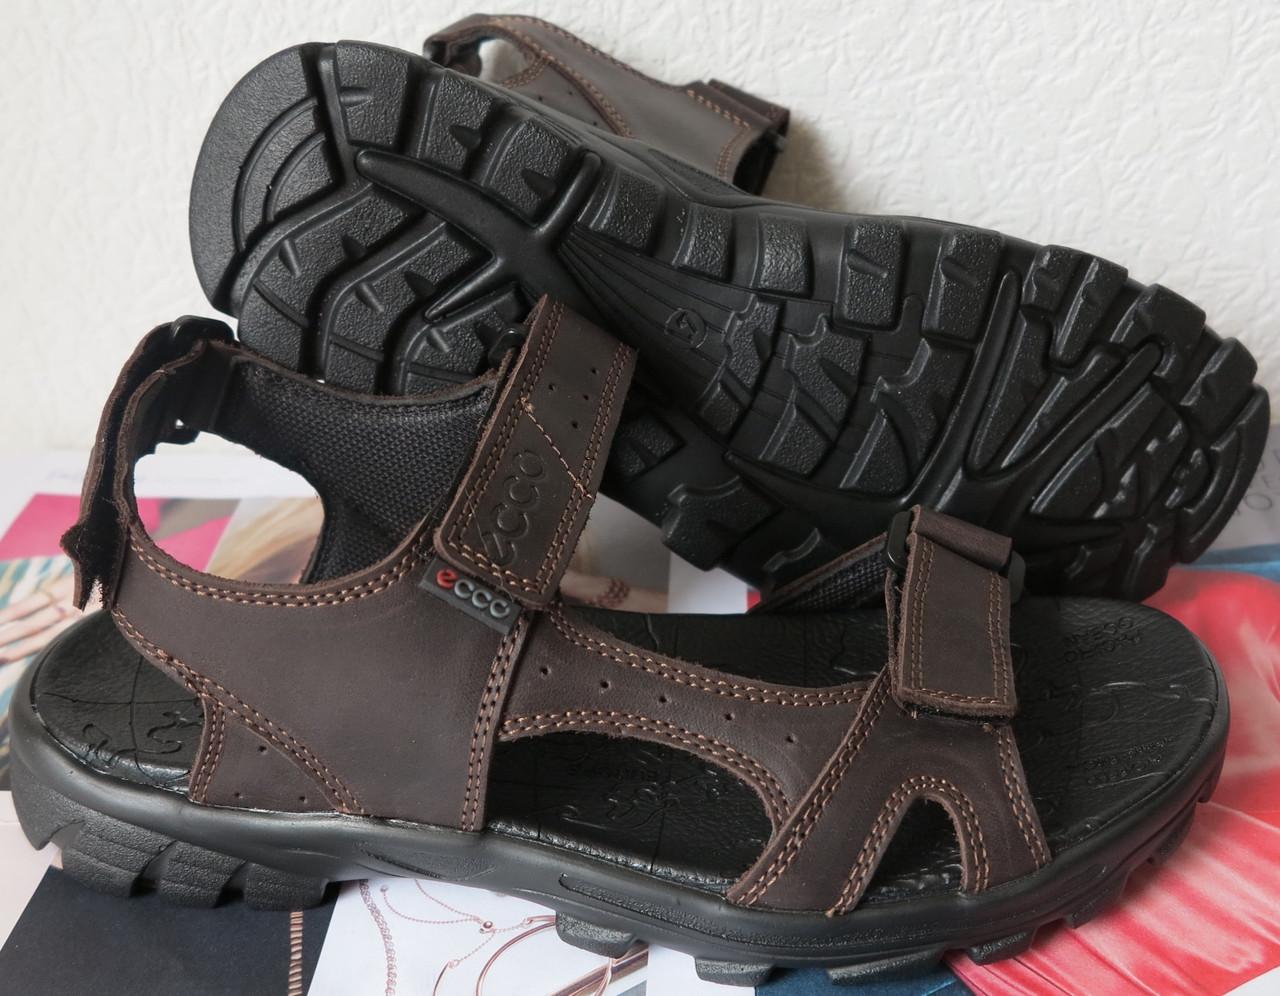 7cd8517d399dbe Шкіряні чоловічі сандалі літо натуральна шкіра коричневі чоловічі босоніжки  Ессо комфорт